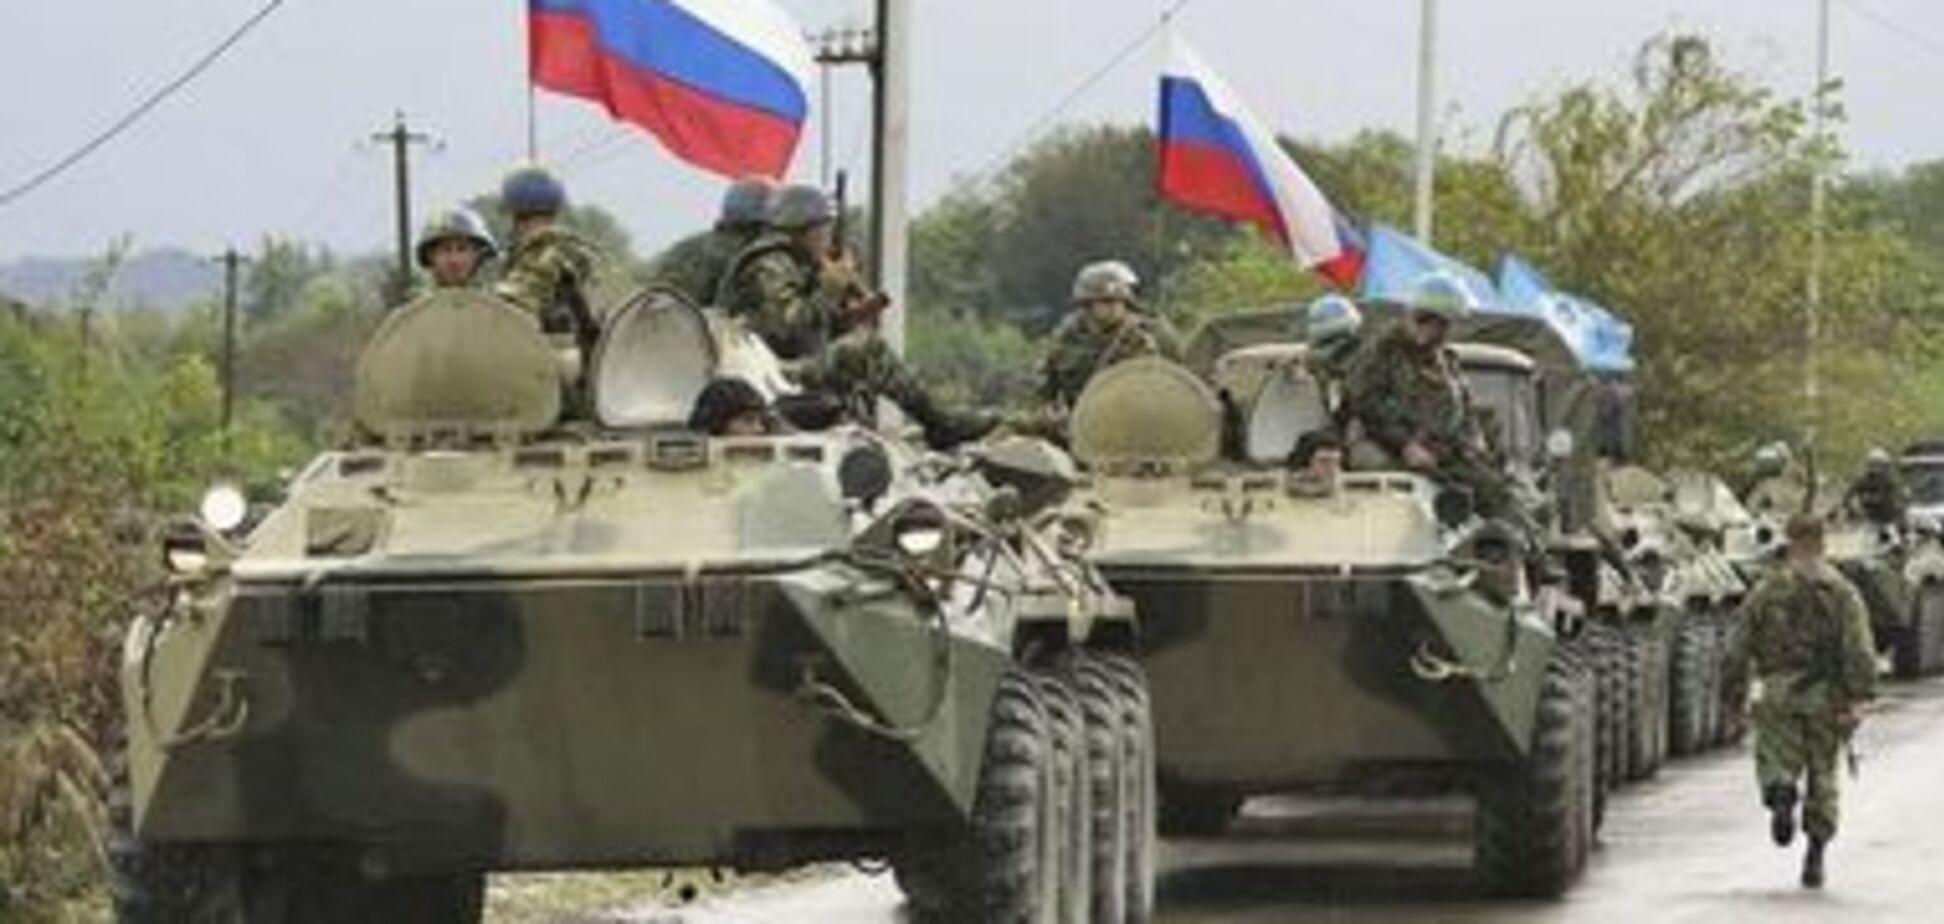 Польща заговорила про захоплення Києва Путіним: як українці сприйняли страхітливий прогноз